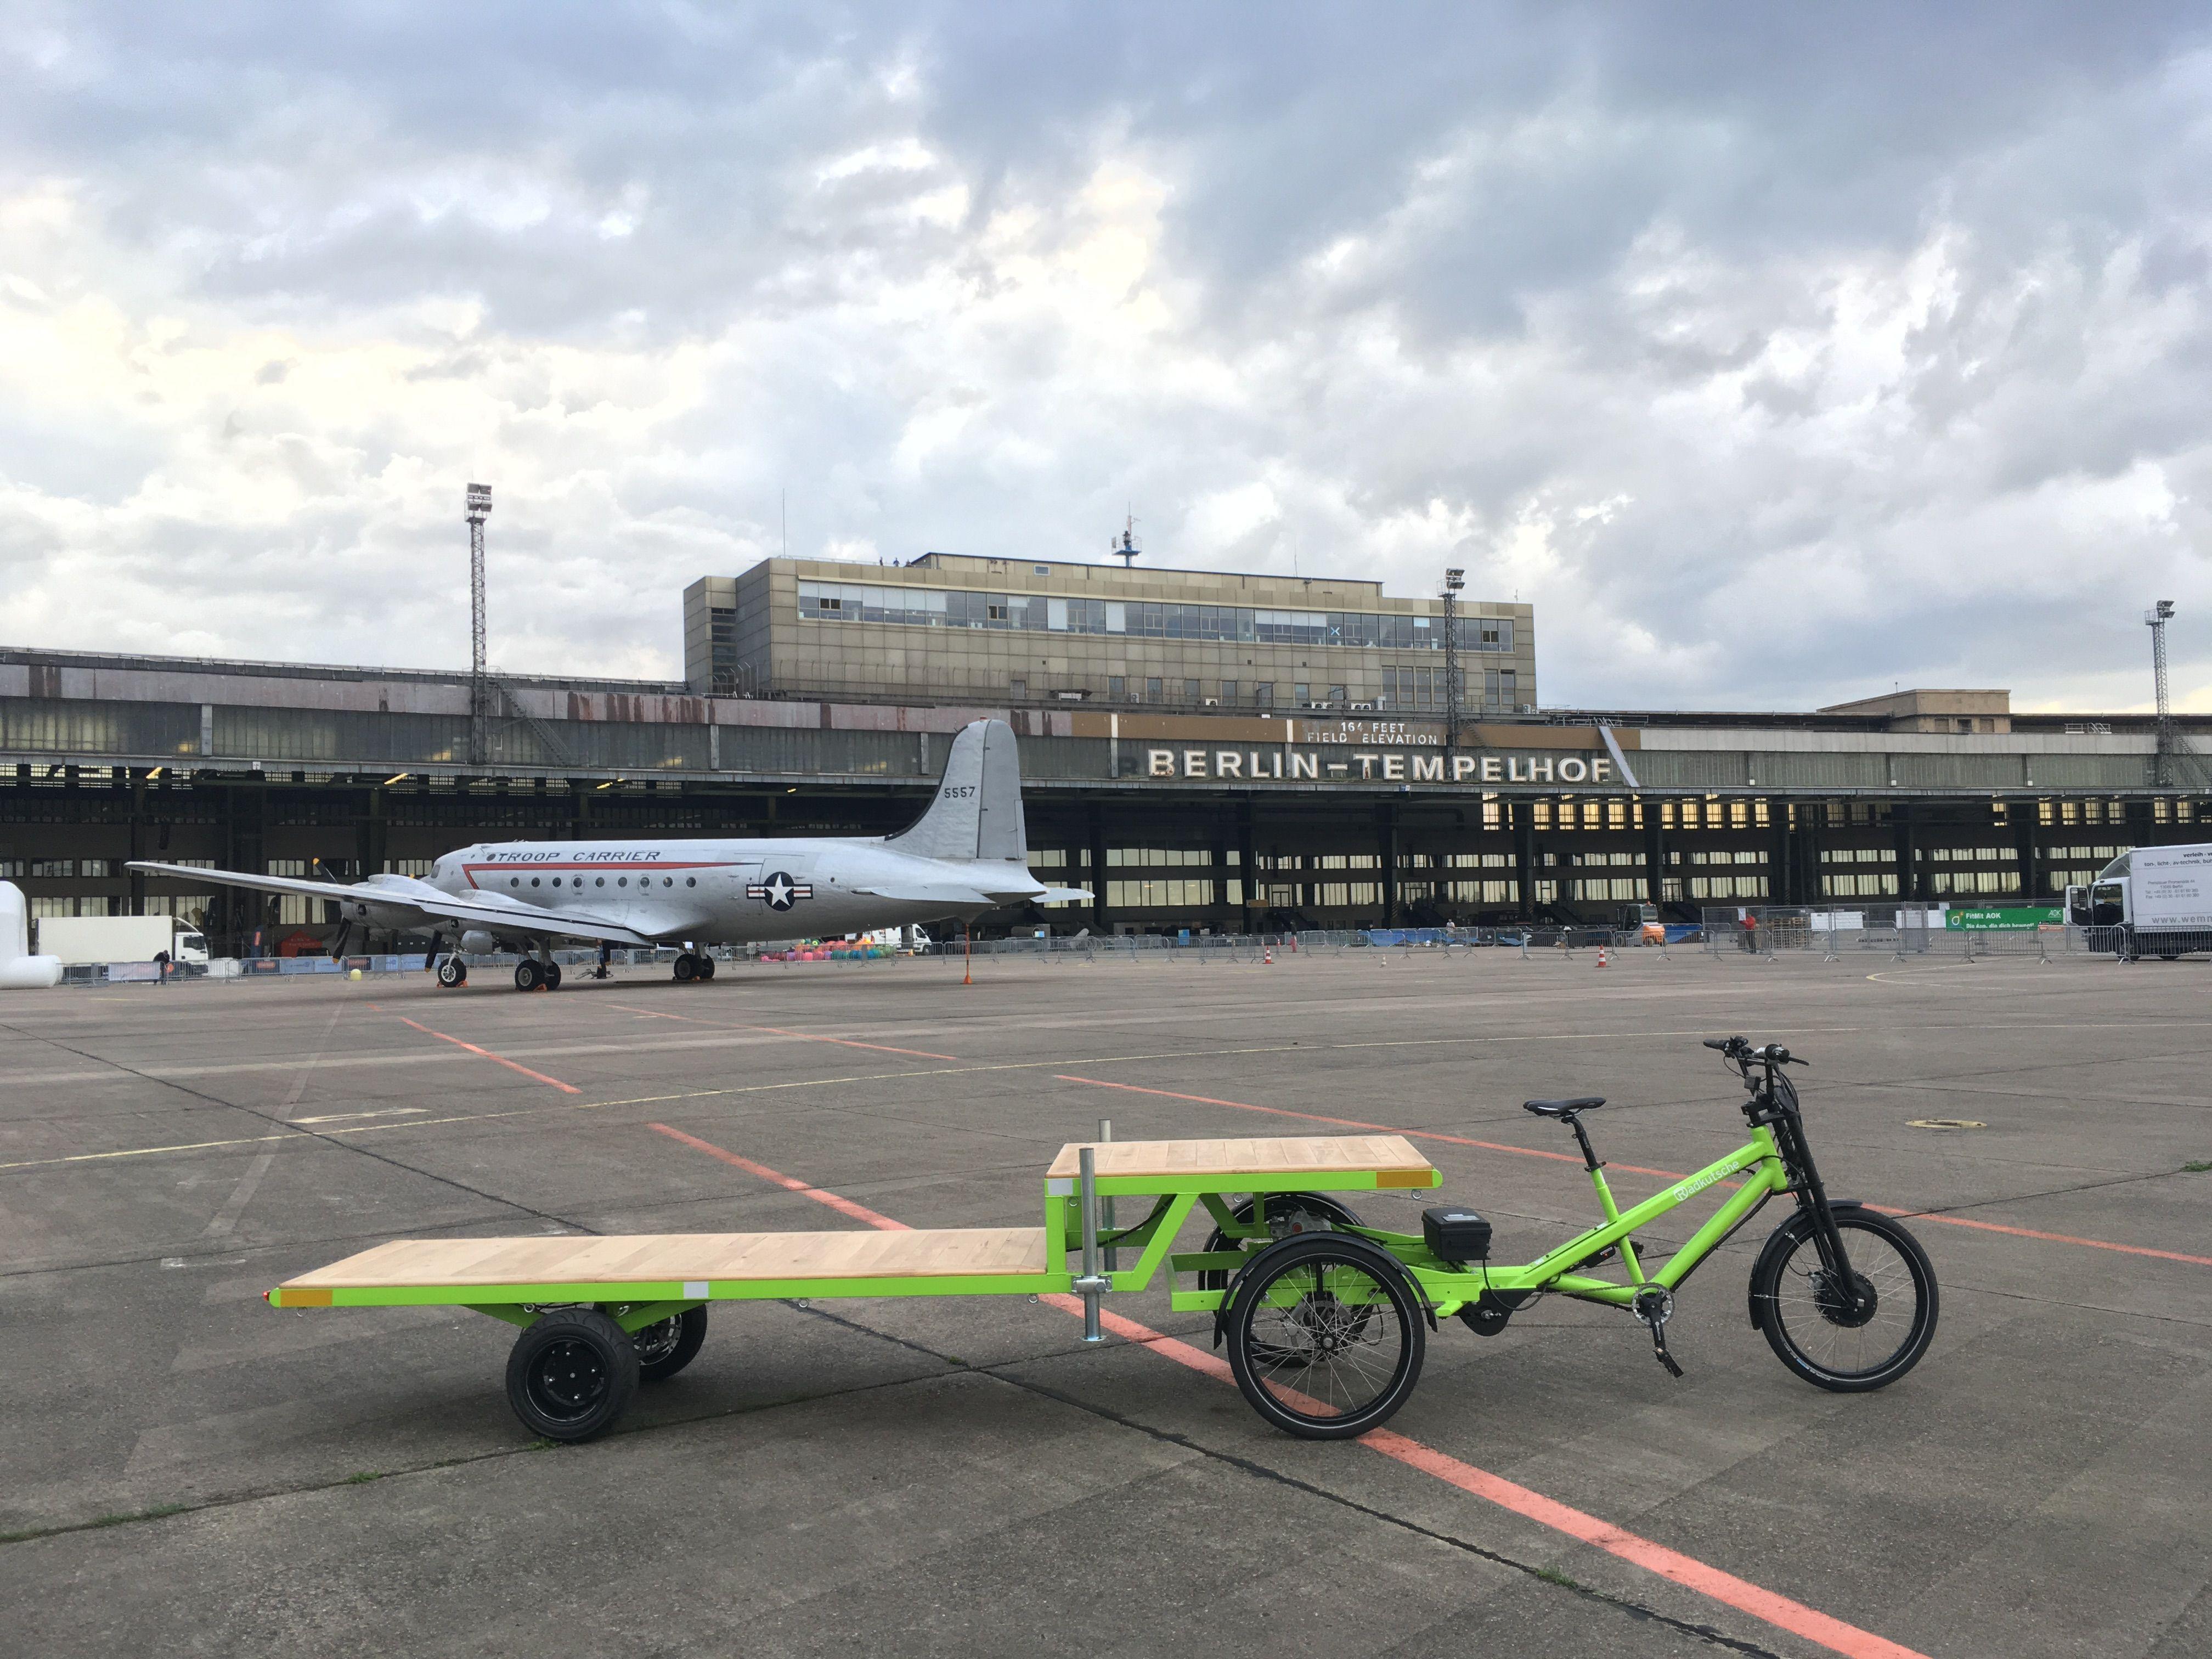 Unser Xl Trailer Elefant Eroffnet Neue Dimensionen In Der Citylogistik Radkutsche Cargotrike Nachhaltigemobilitat Anhanger Fahrrad Fahrrad Fahrrad Ideen